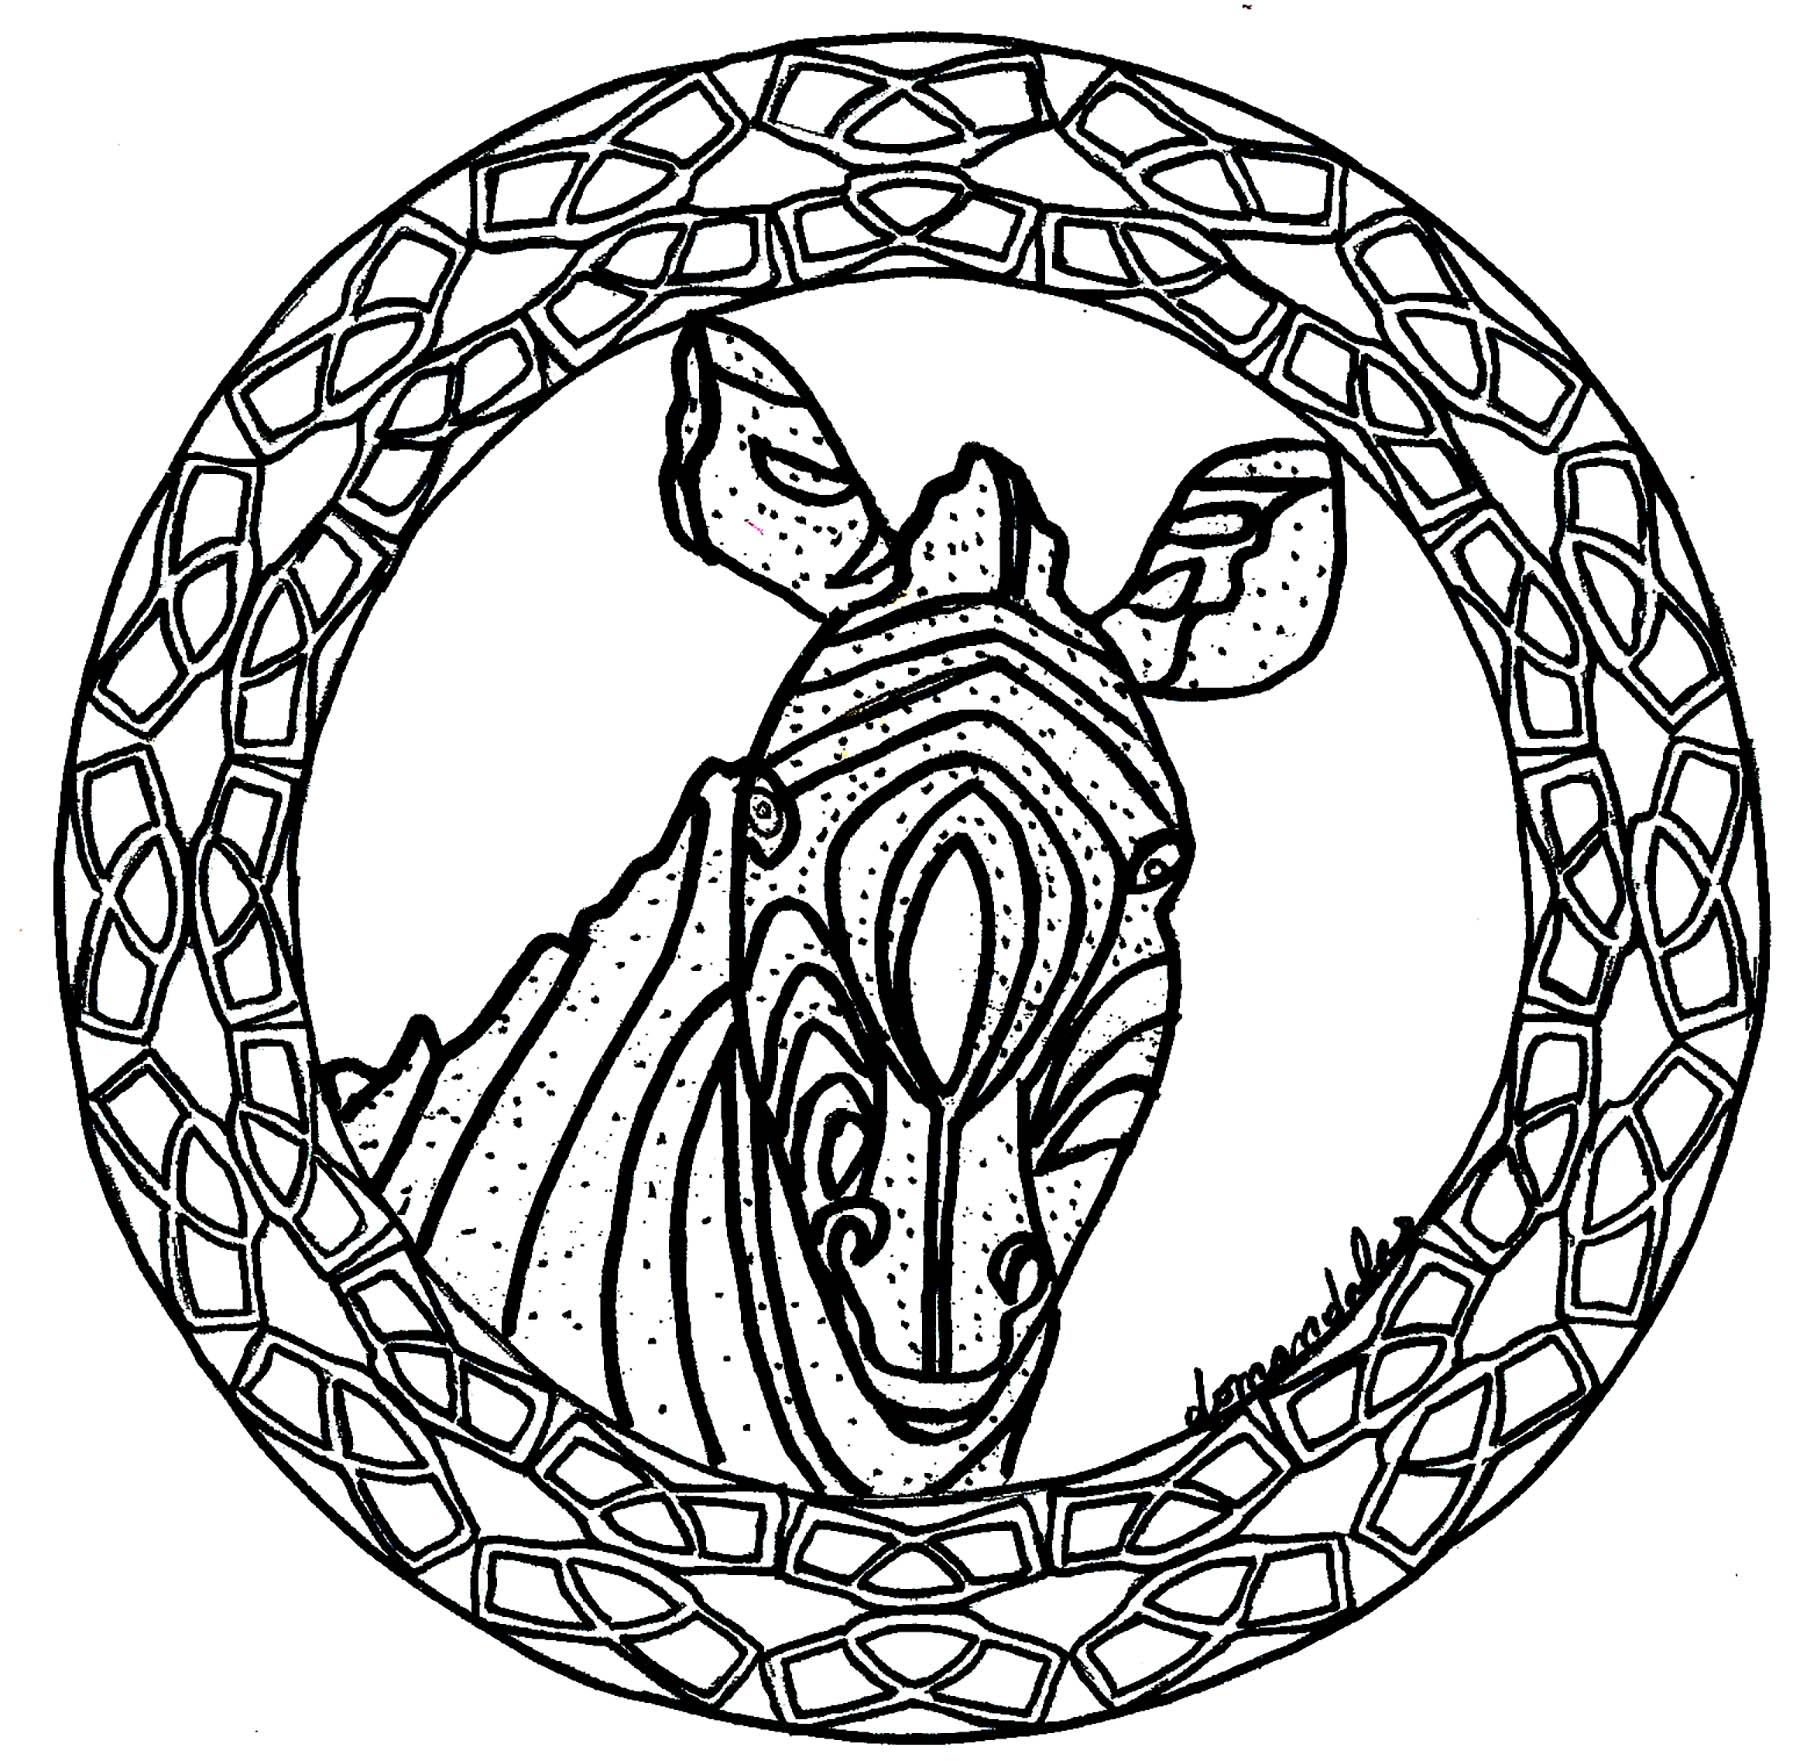 Coloriage Gratuit Zebre.Mandala Zebre Facile Mandalas Faciles Pour Enfants 100